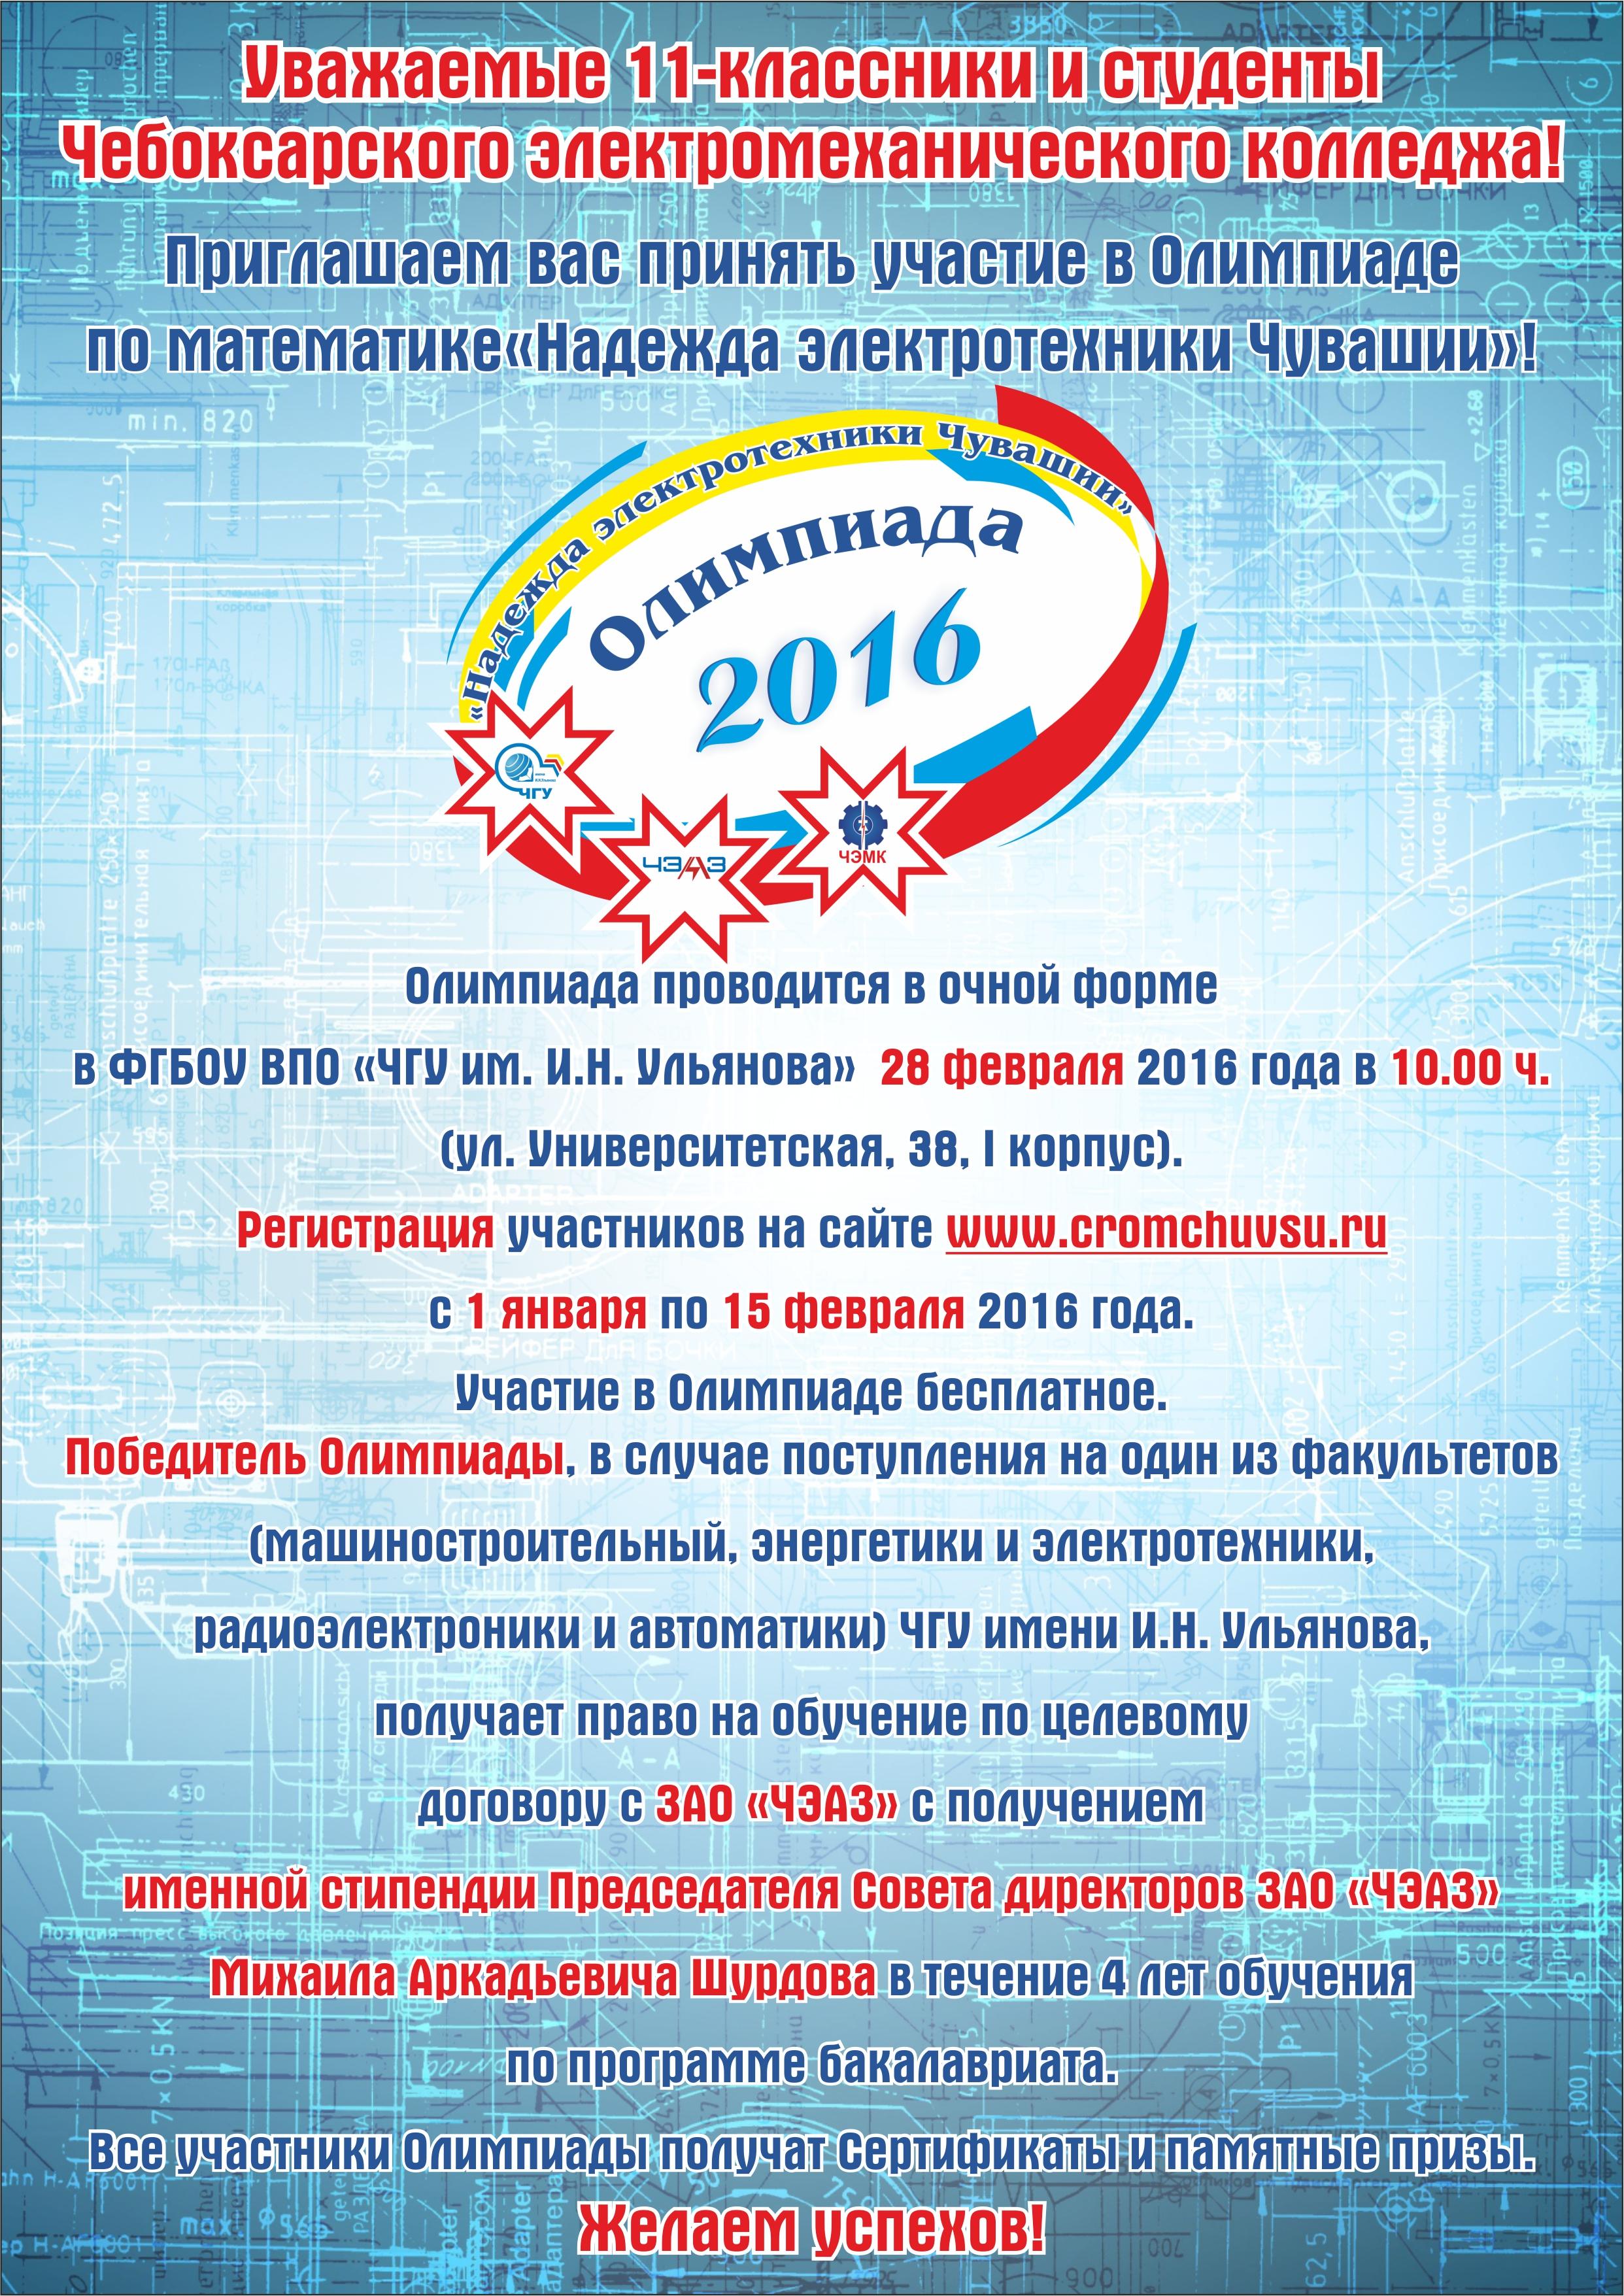 Приглашаем принять участие в олимпиаде